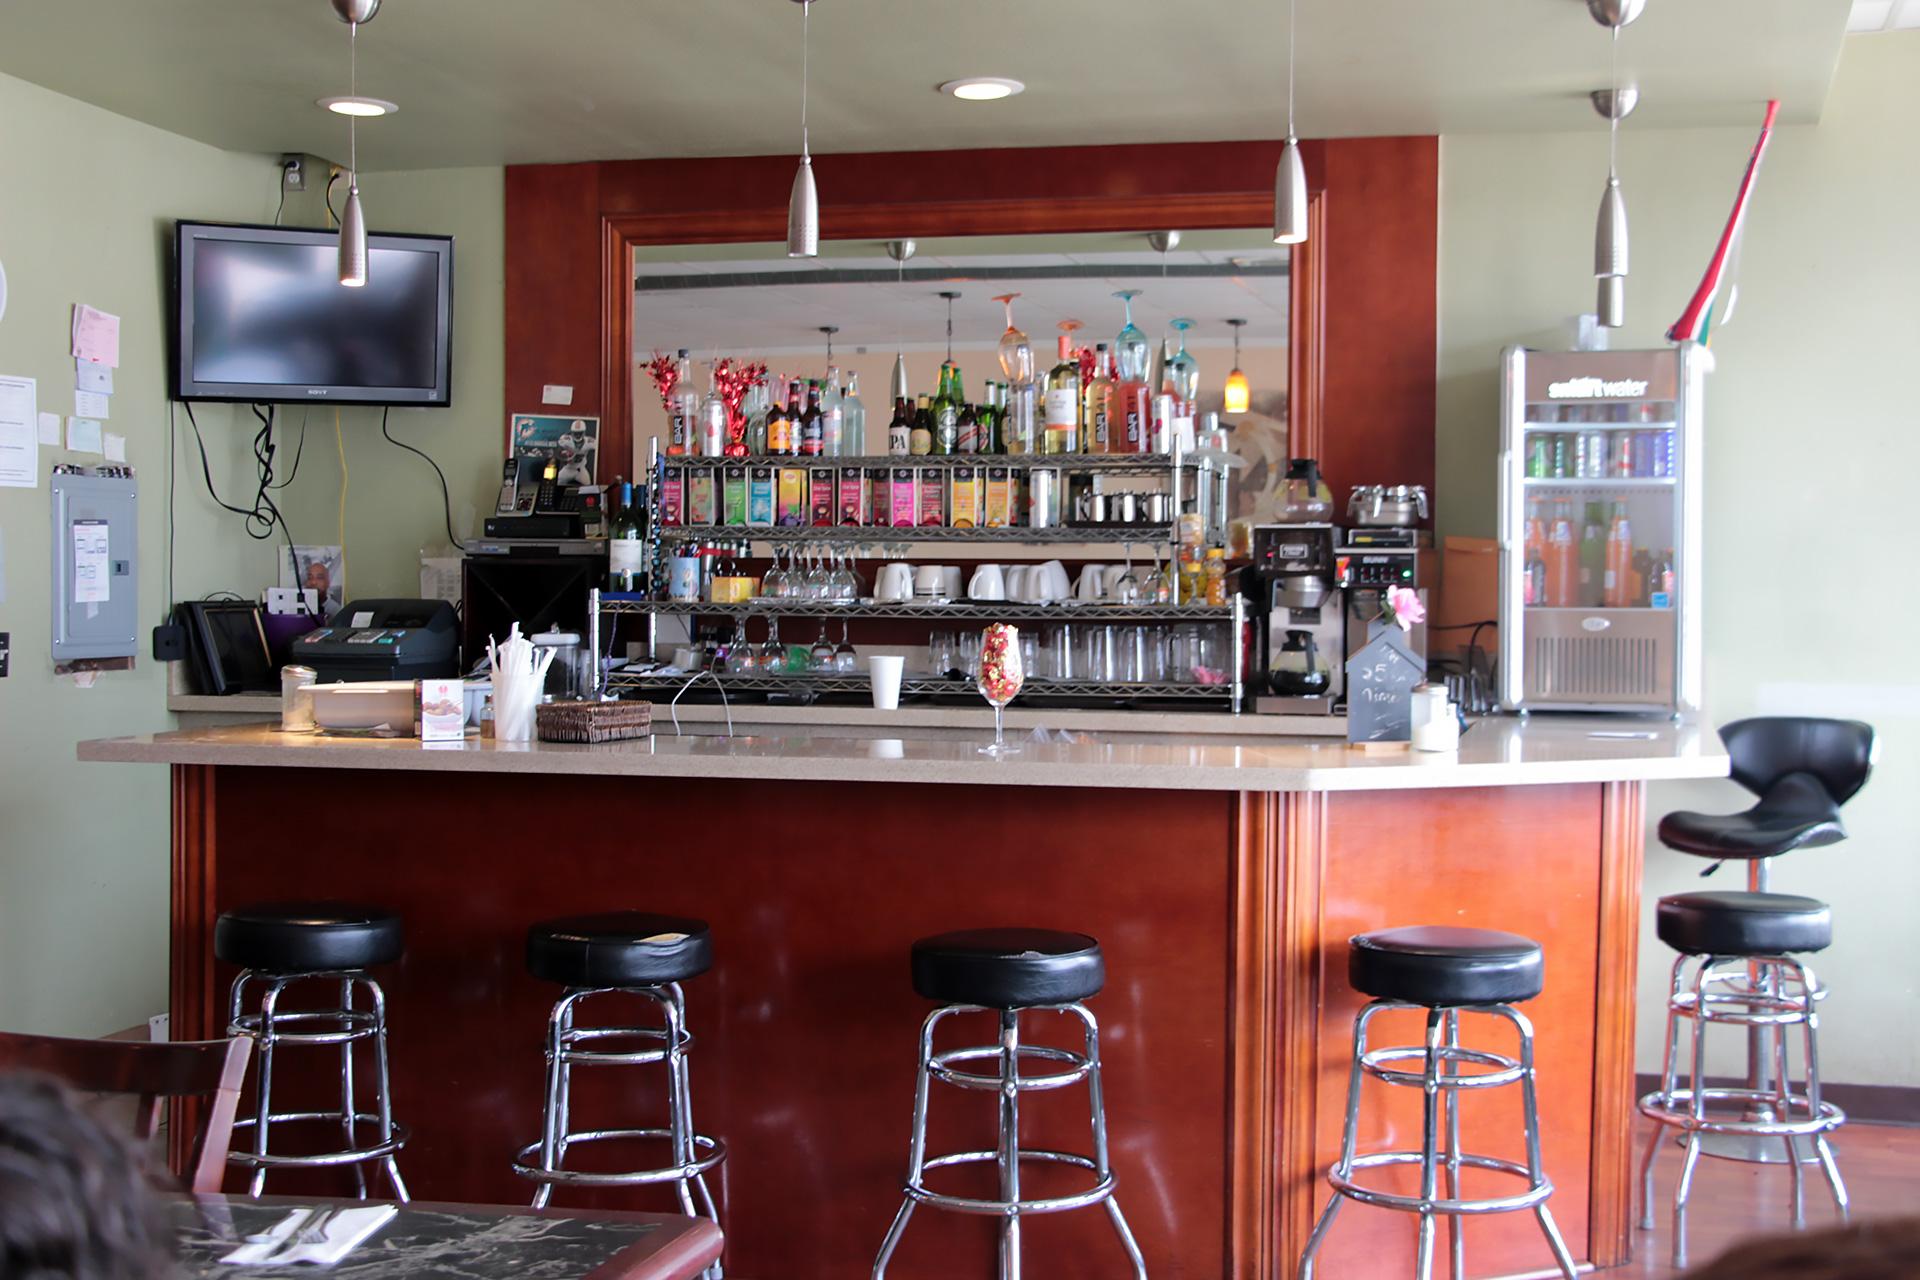 The bar at Miliki.